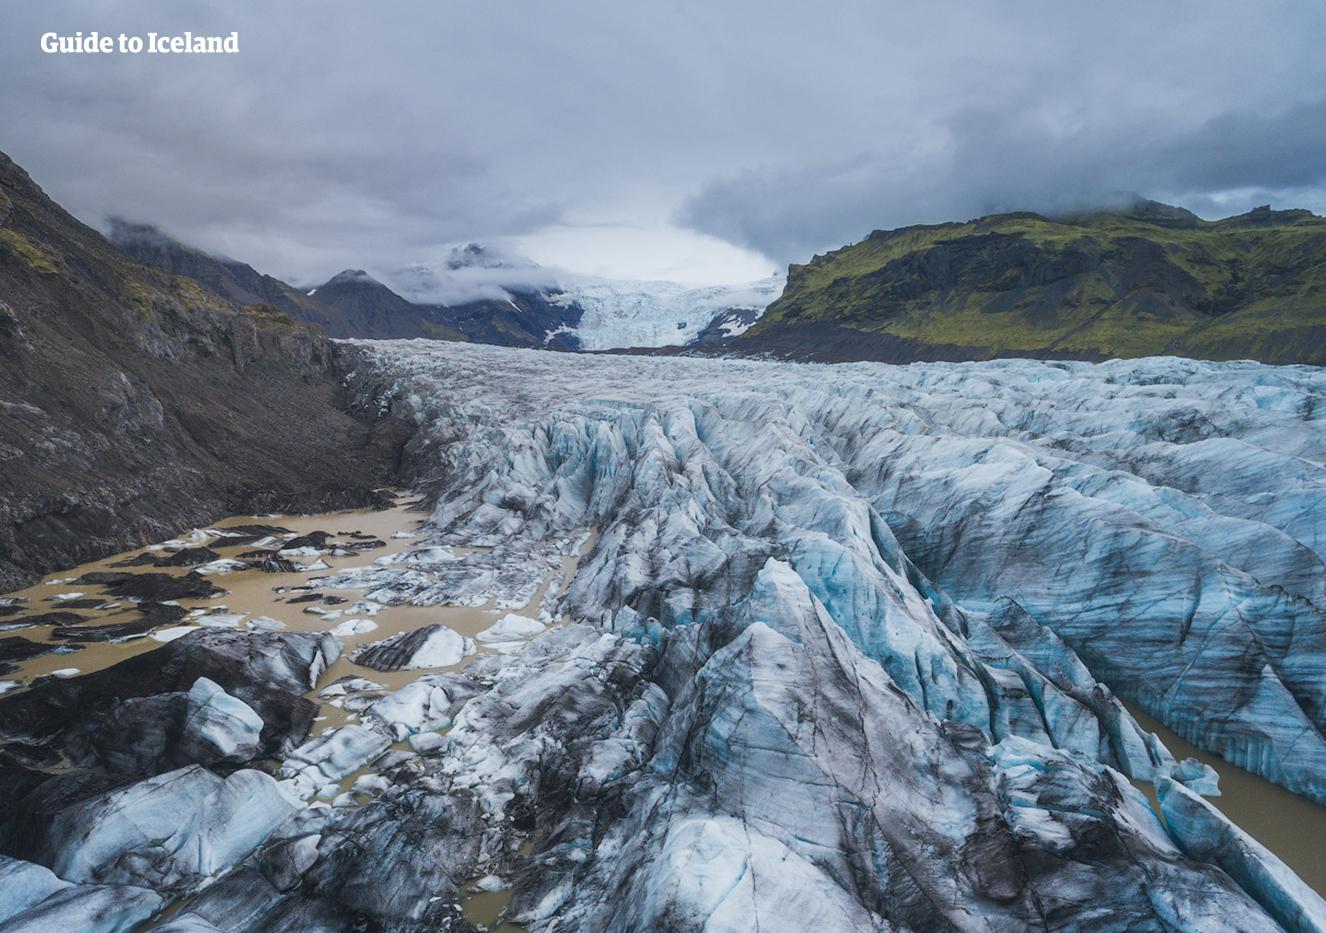 ทริป 6 วันล่าแสงเหนือ|จากเมืองเรคยาวิกไปจนถึงถ้ำน้ำแข็ง